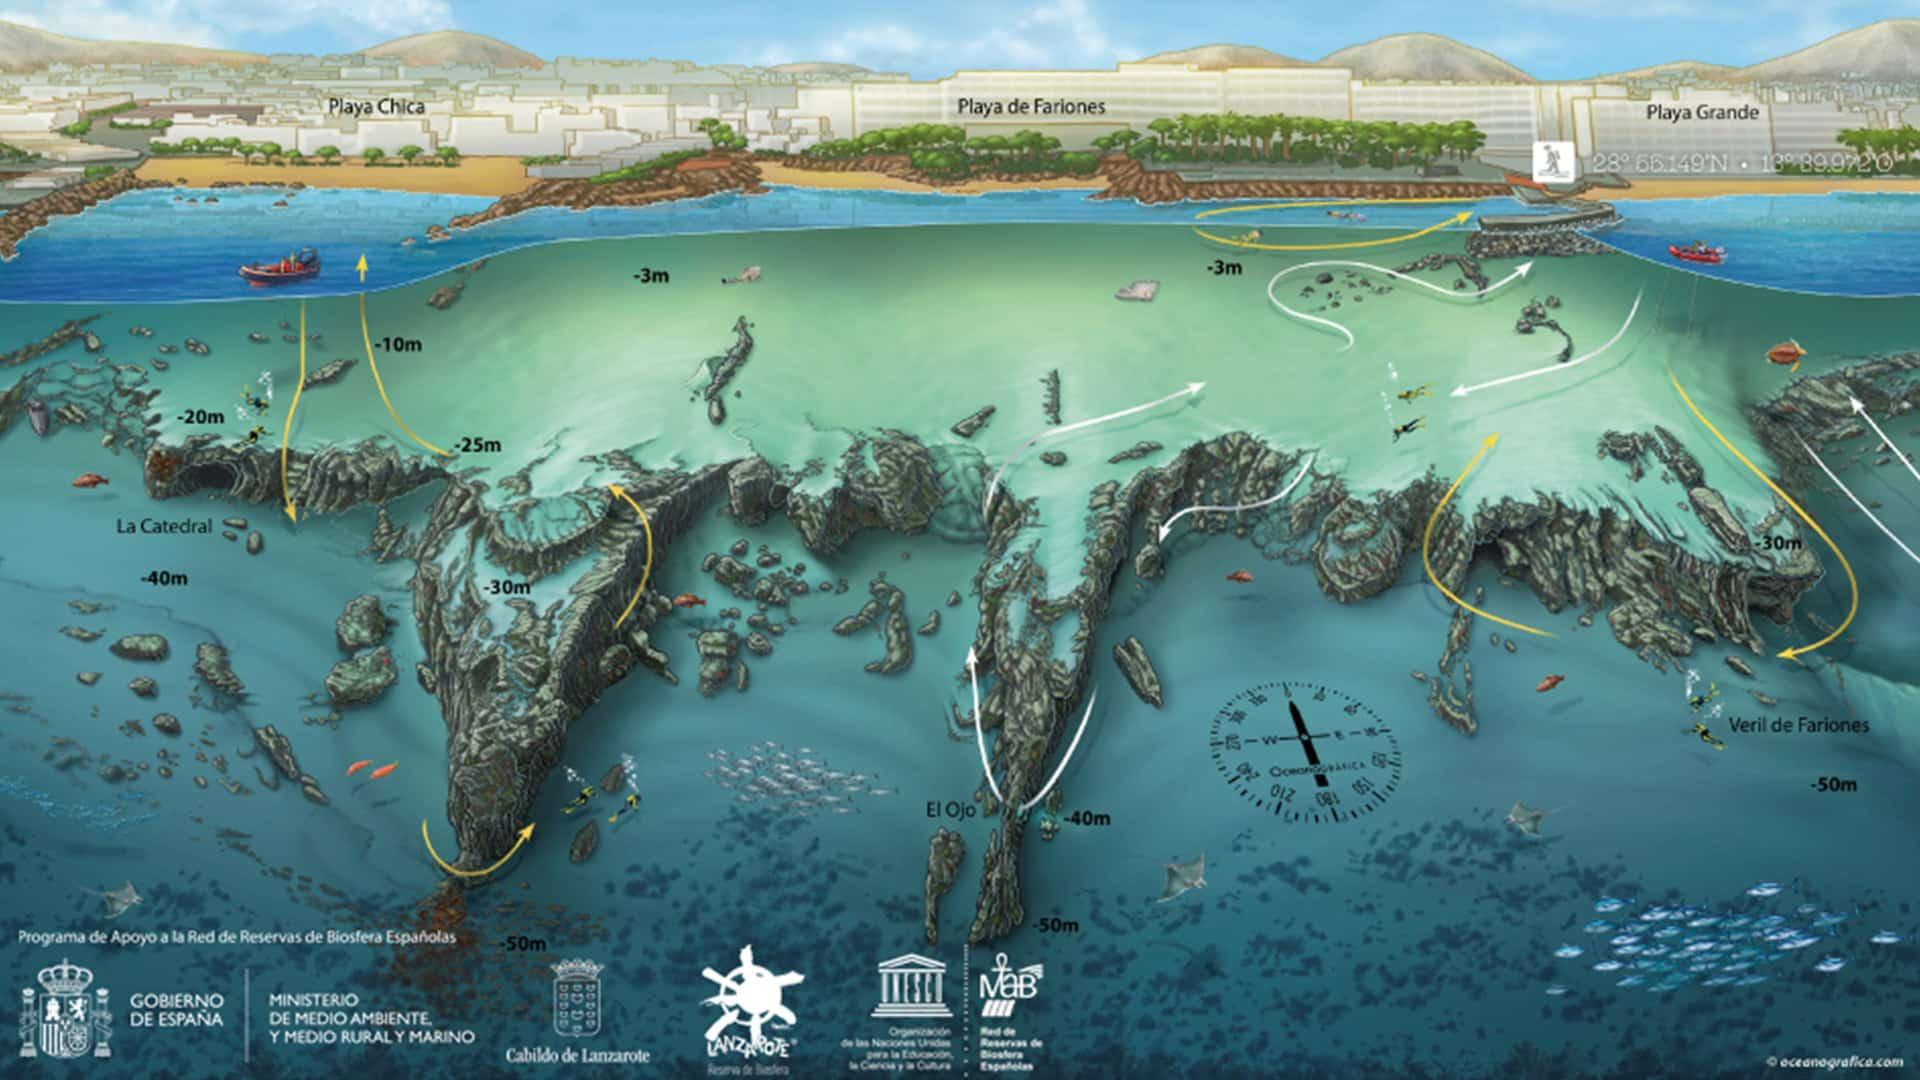 mojo dive ocean divers veril de fariones lanzarote mapa